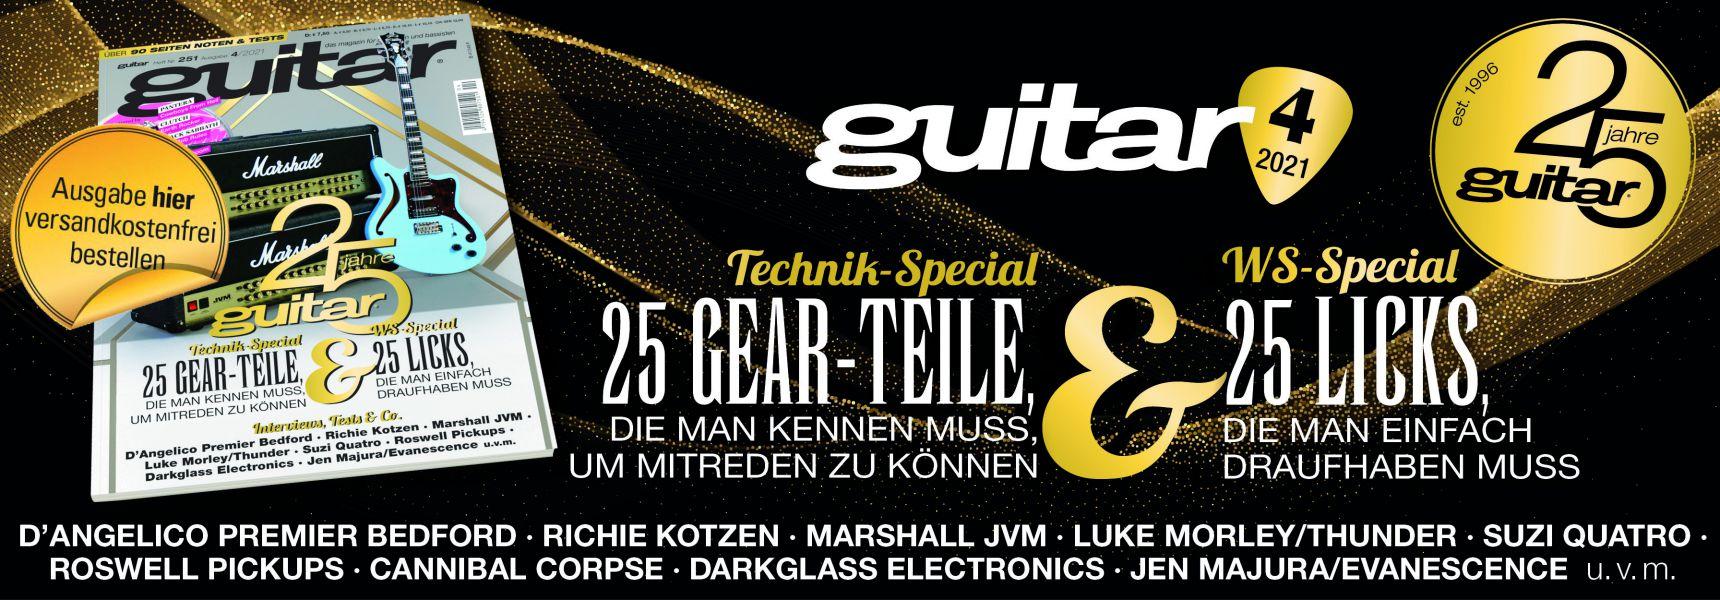 Guitar 04 2021